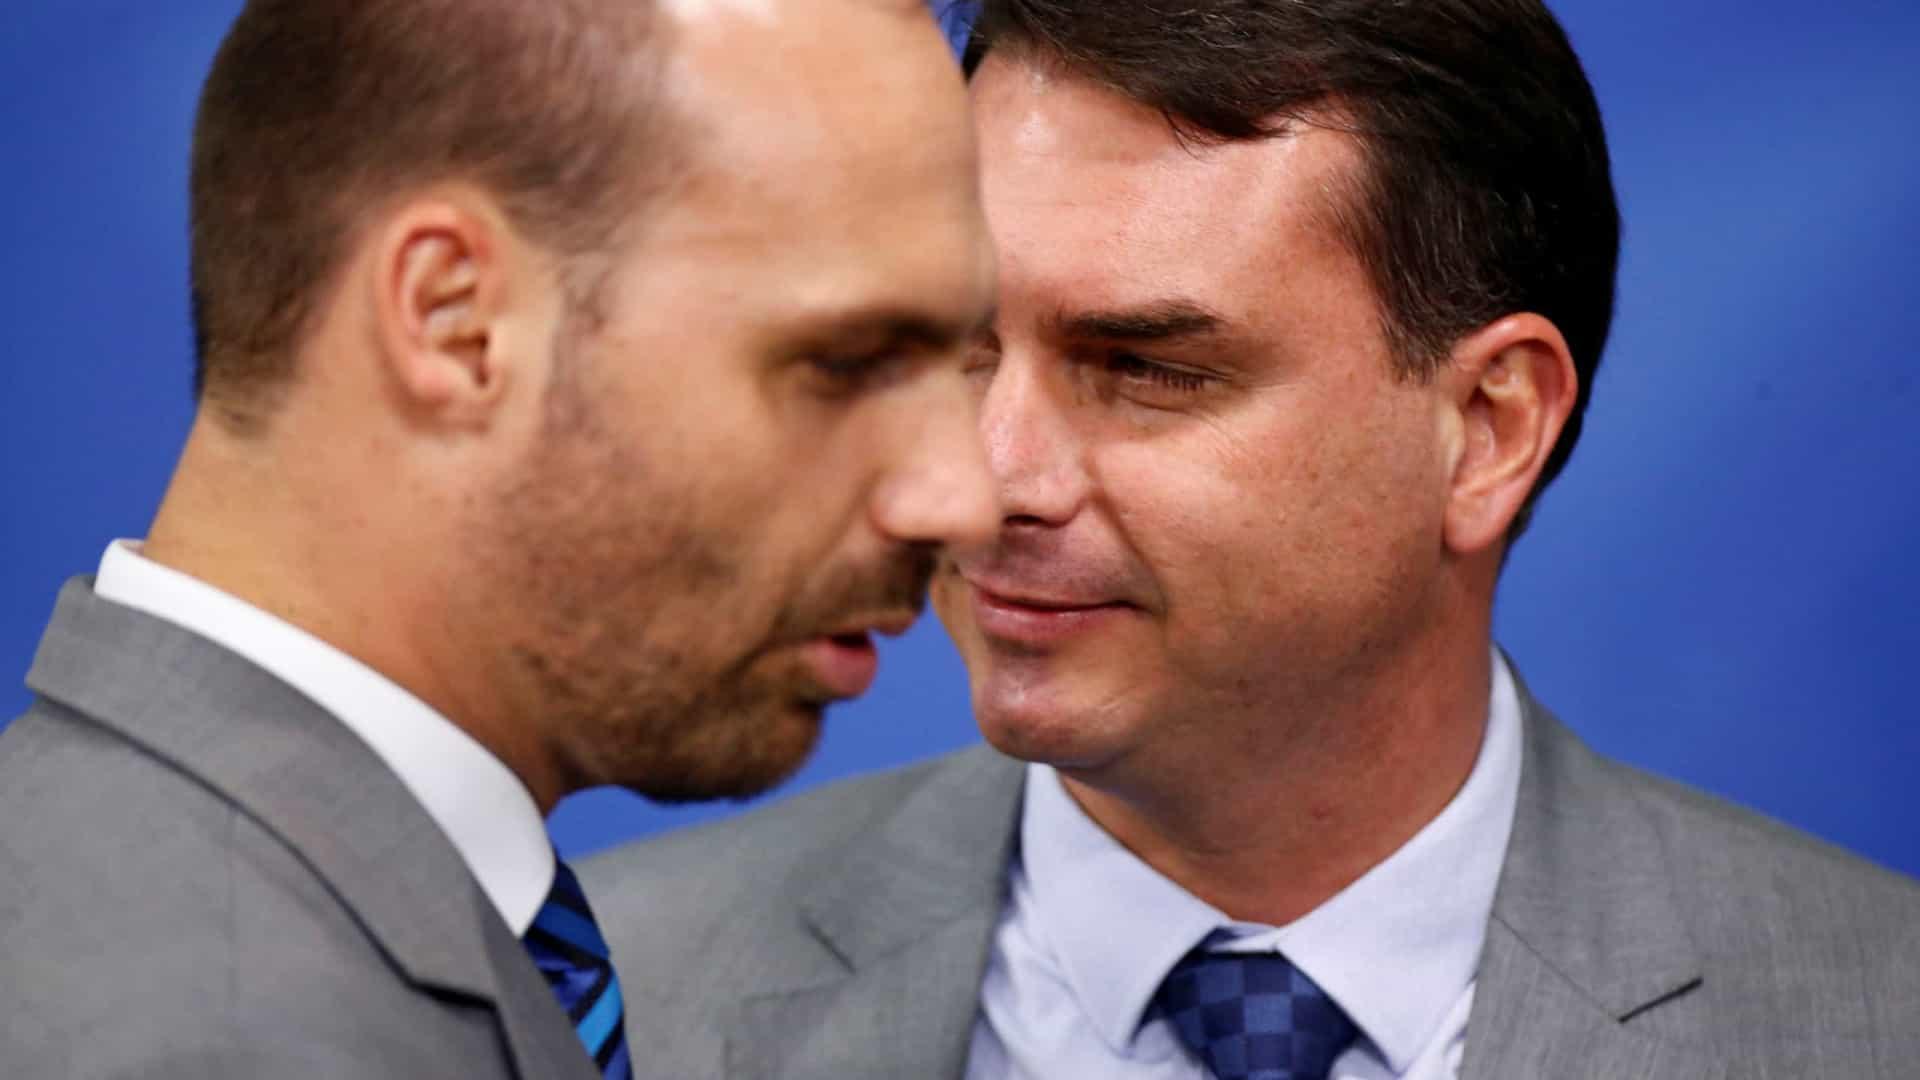 naom 5da631cbc1ef2 - Bivar planeja destituir filhos de Bolsonaro do comando do PSL